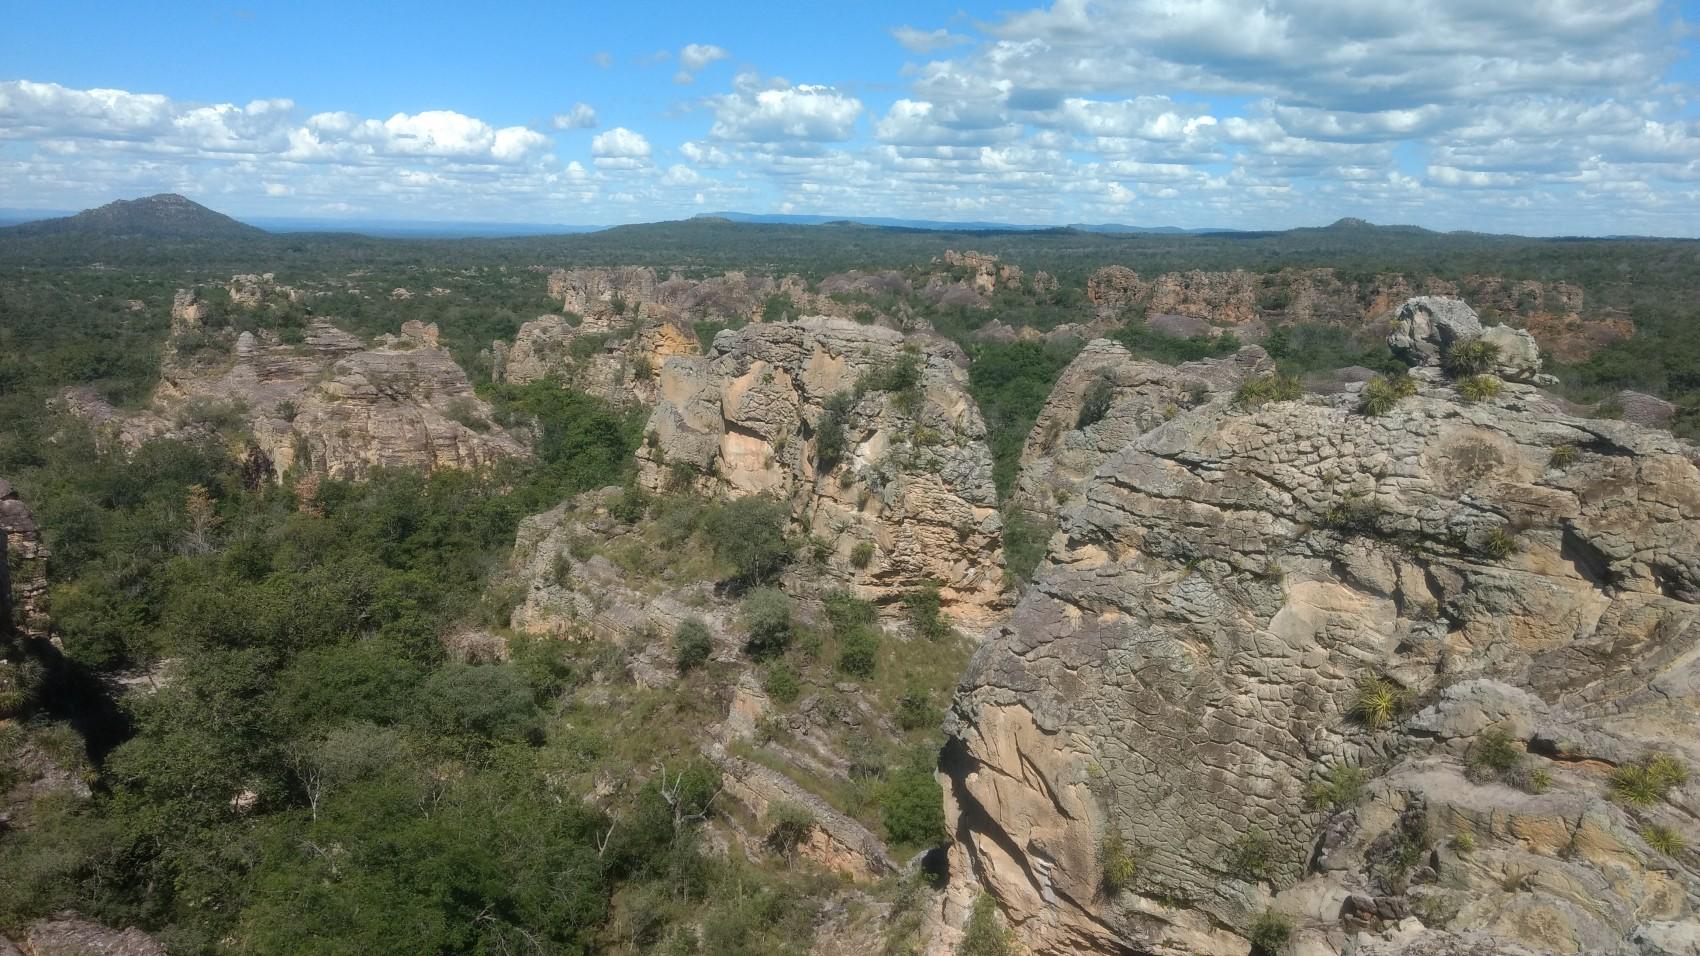 Figura 12 – Vista do Cerrado senso-stricto (Savana Arbozizada, segundo IBGE) no mirante do Parque Nacional de Sete Cidades, em Piripiri (PI). Fonte: Arquivo pessoal.